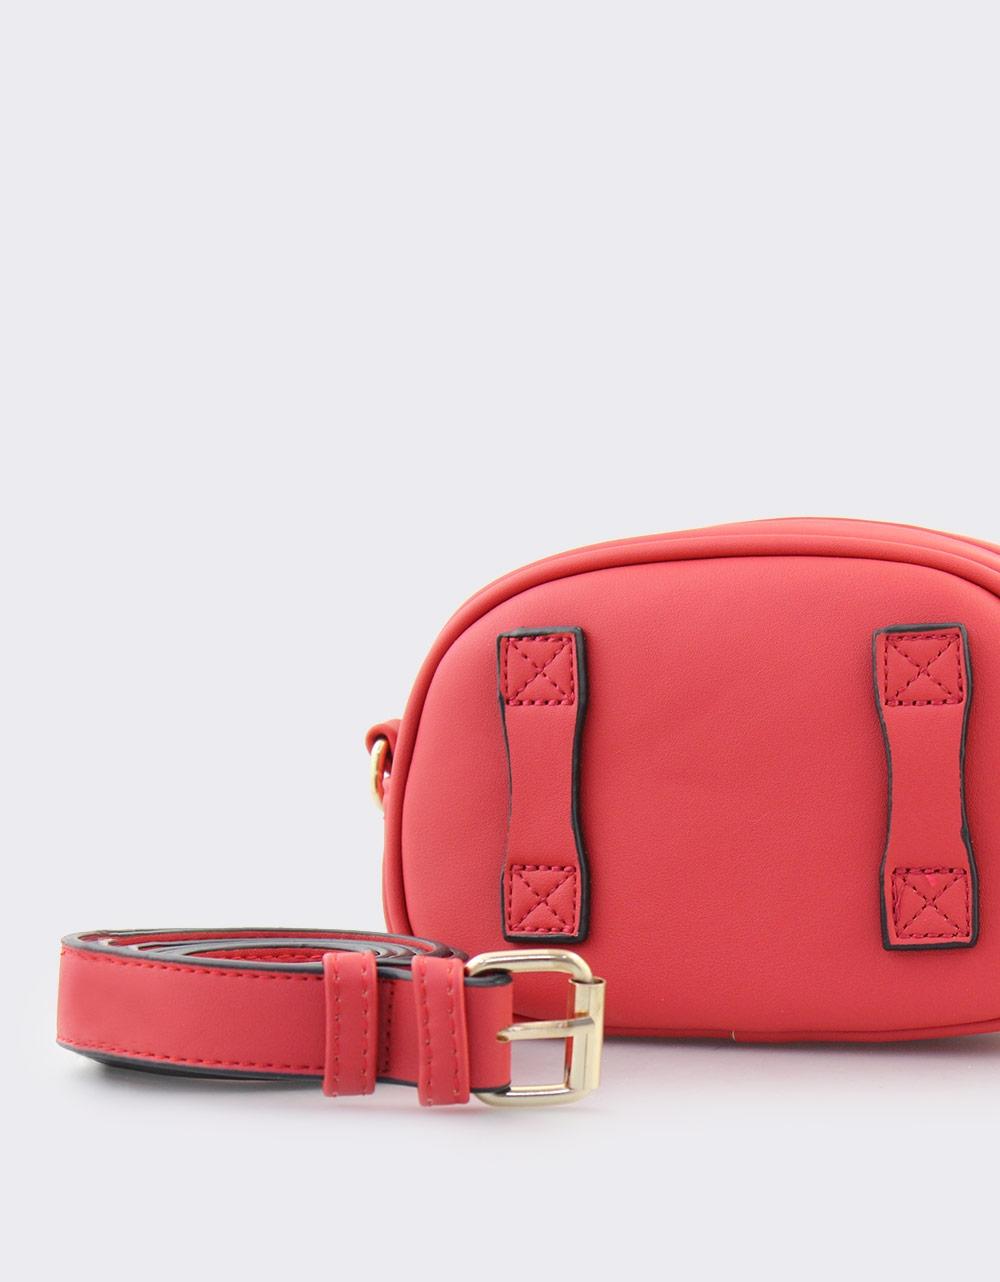 Εικόνα από Γυναικείες τσάντες μέσης με ανάγλυφο μοτίβο Κόκκινο